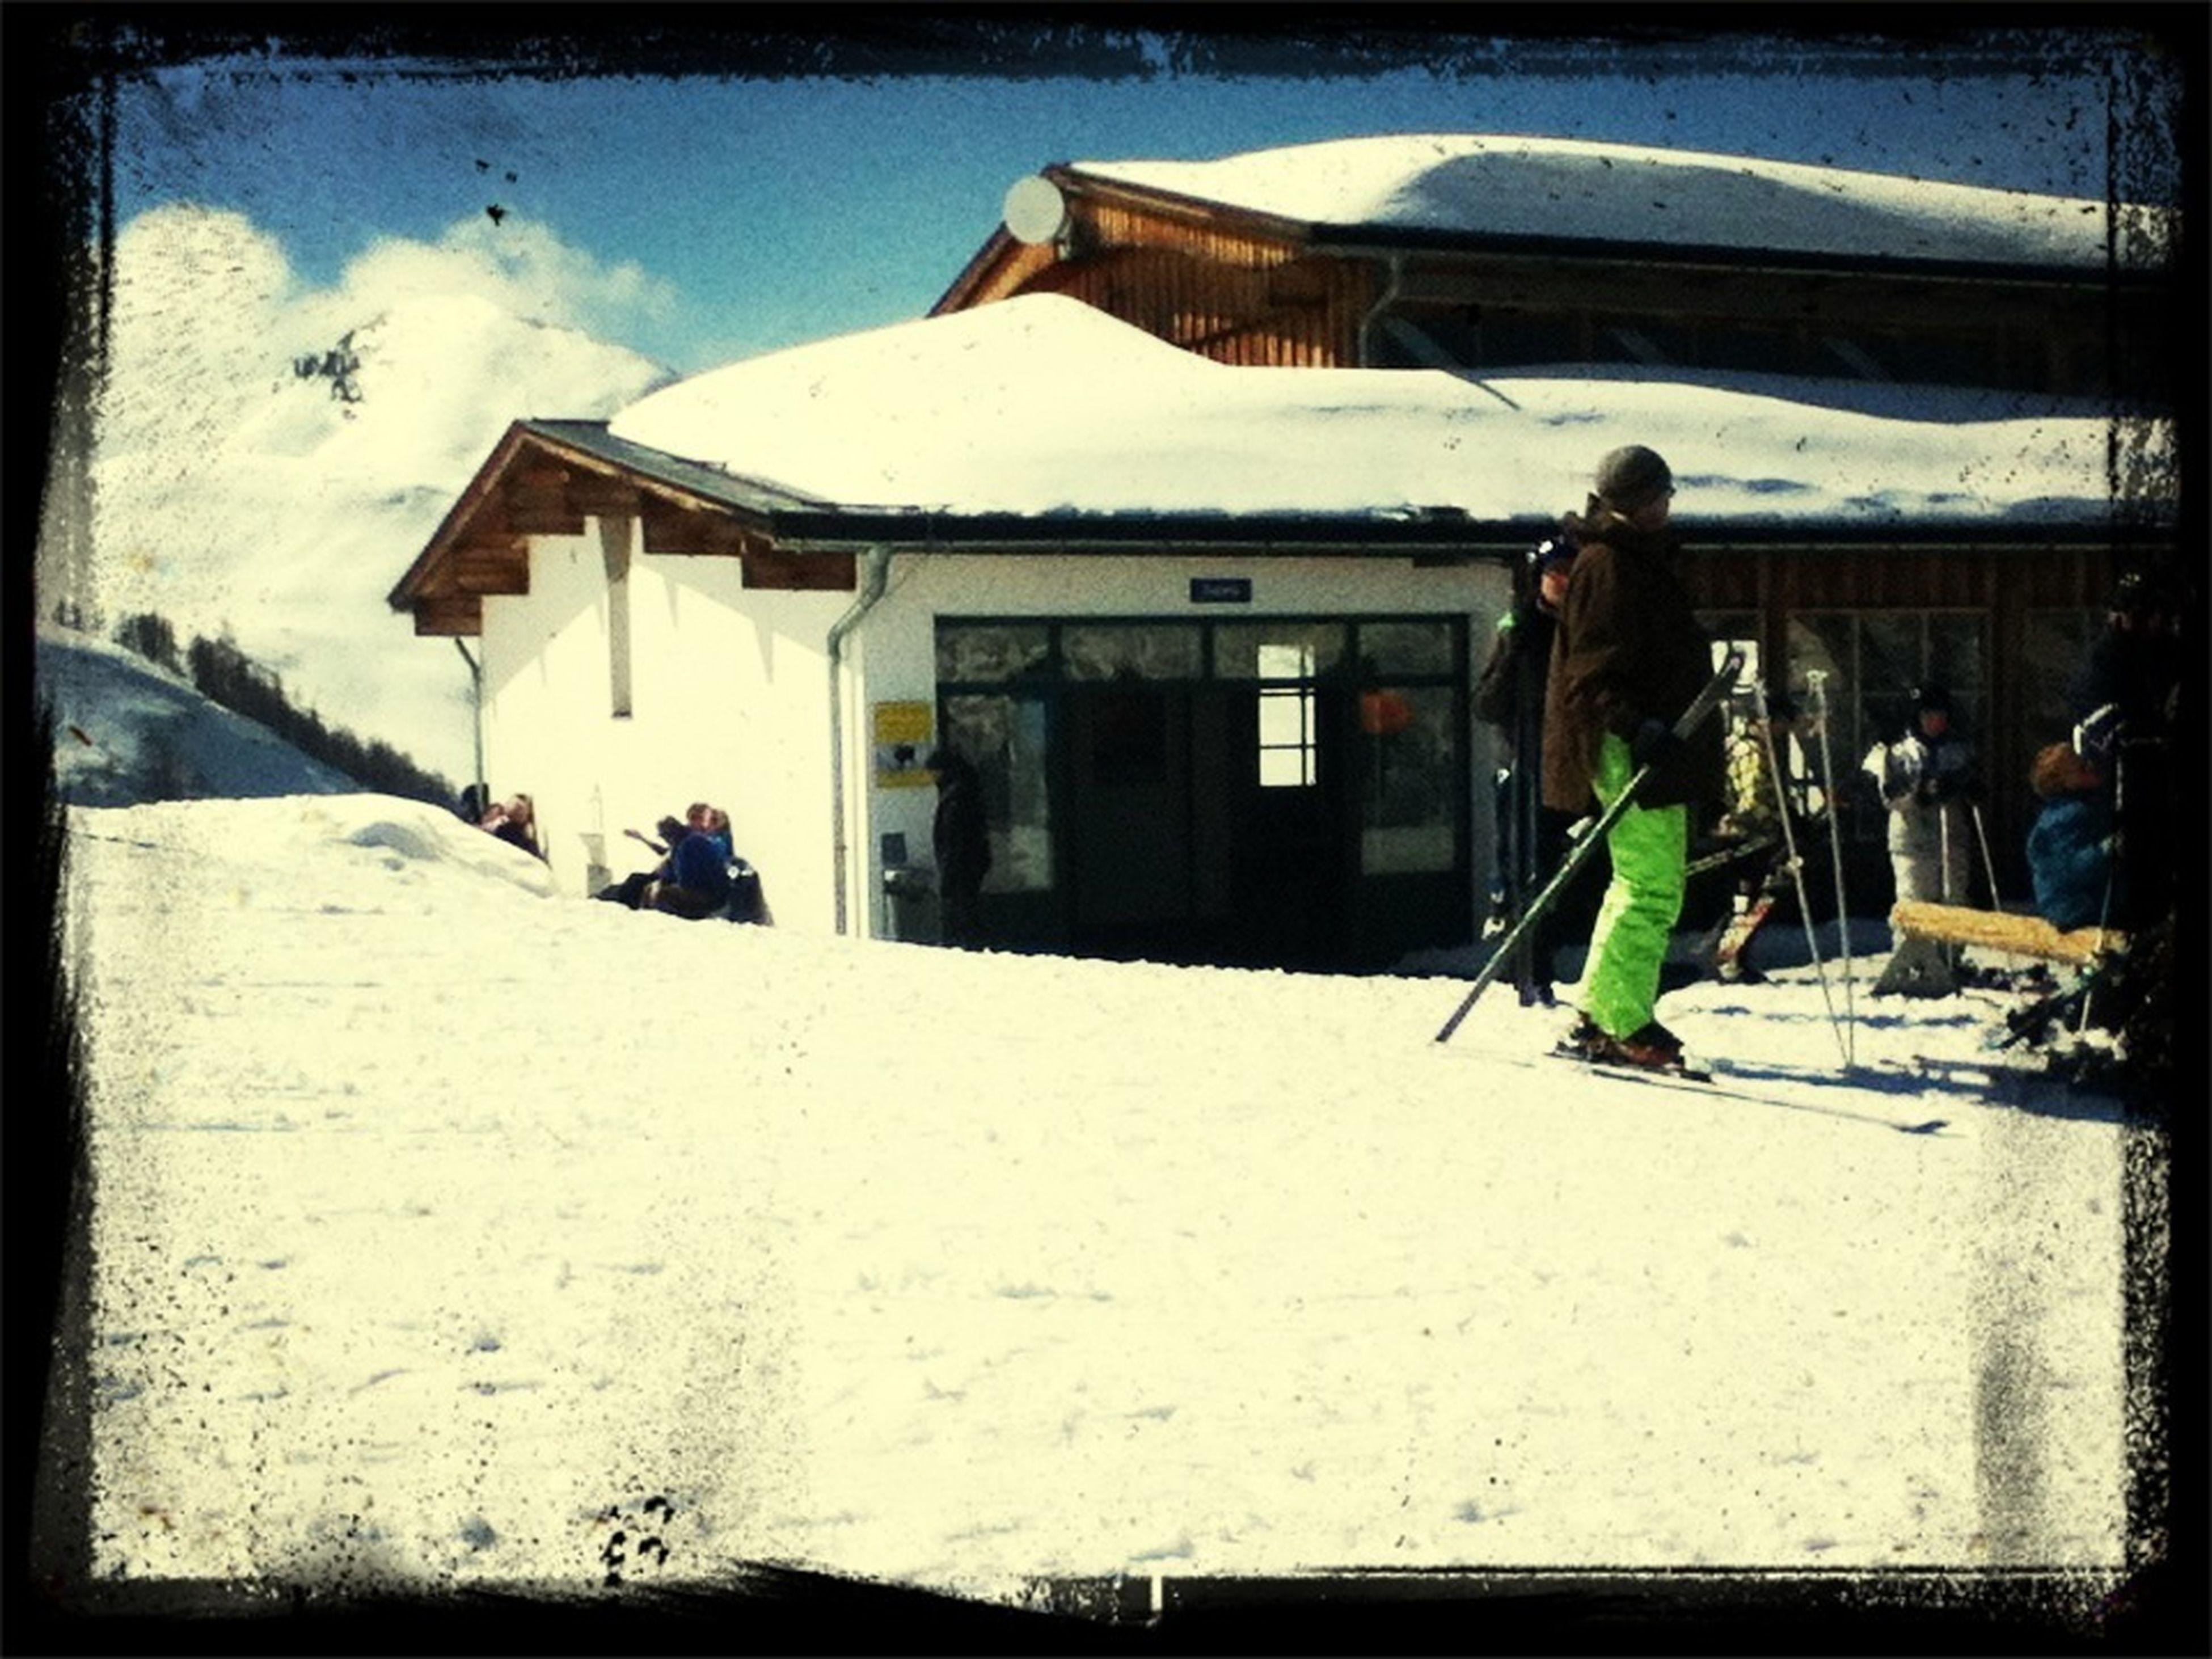 Skiii :-**